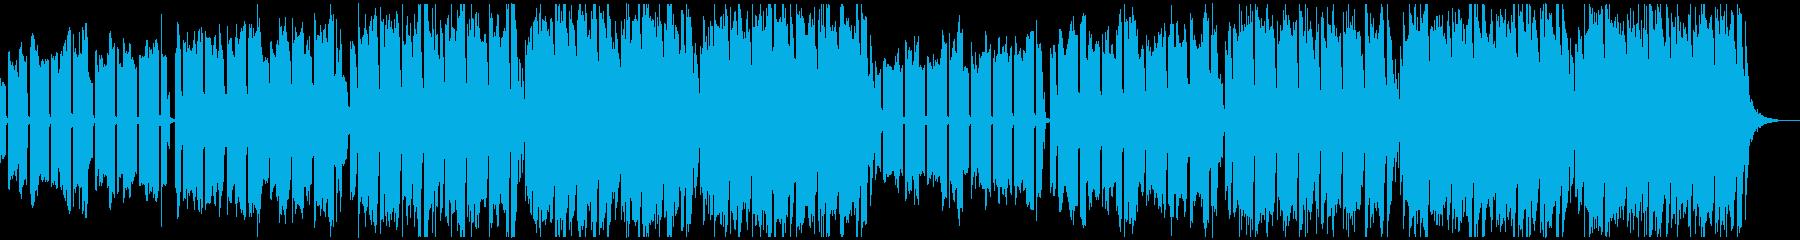 ポップで軽快なEDM・1の再生済みの波形